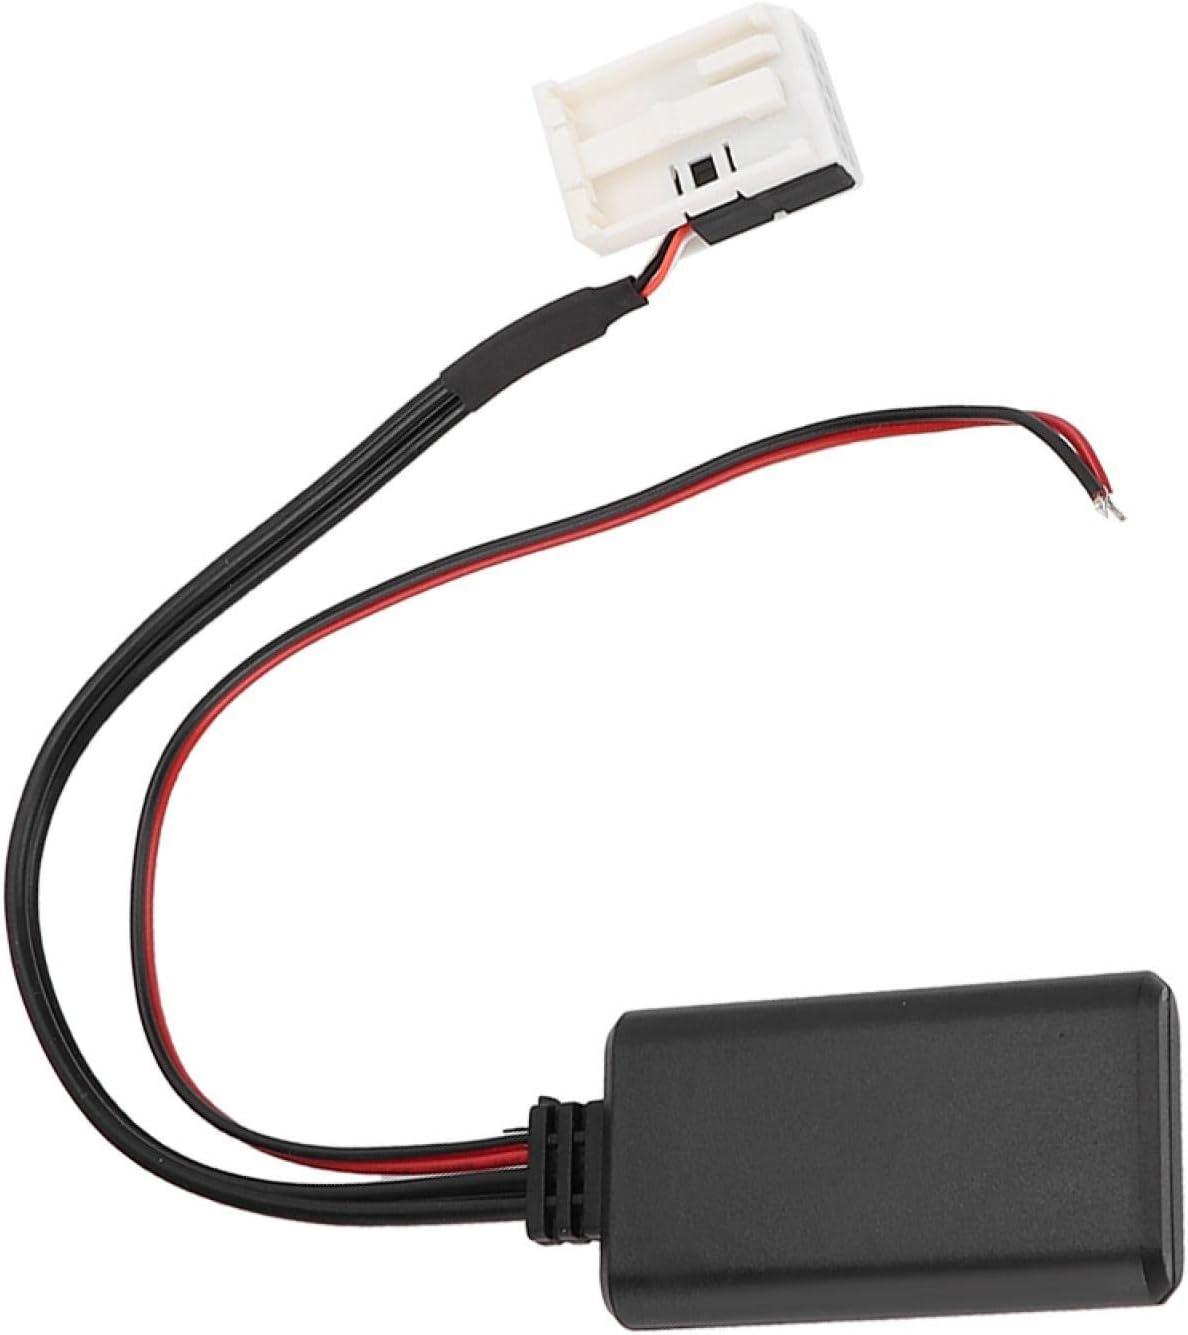 Adaptador de cable auxiliar Adaptador de coche Bluetooth Cable auxiliar de audio estéreo apto para Merc-edes Be-nz